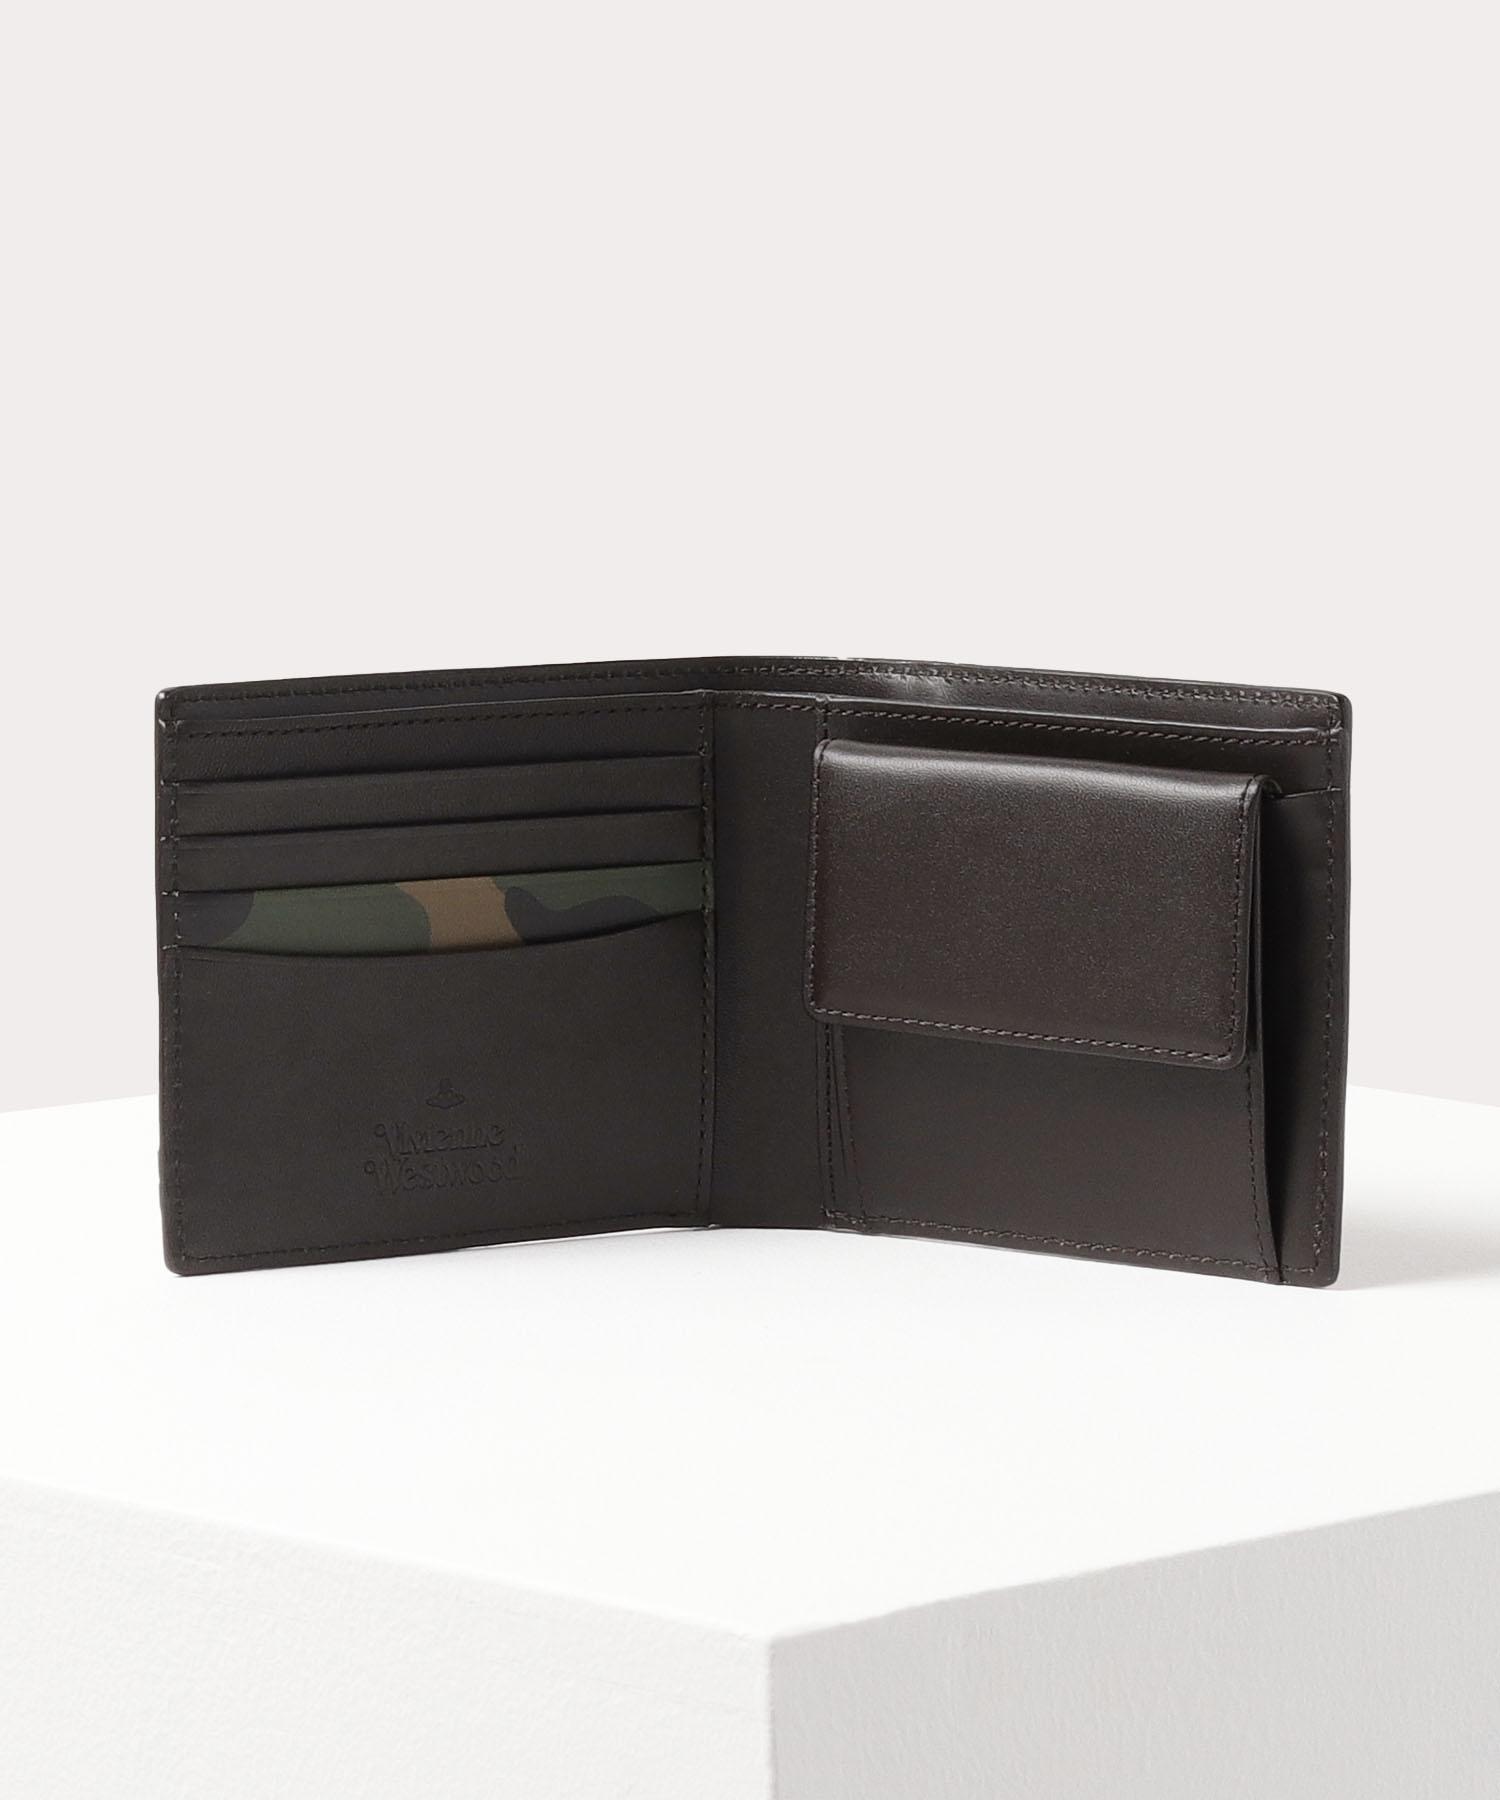 シードツリーORBカモフラージュ 二つ折り財布